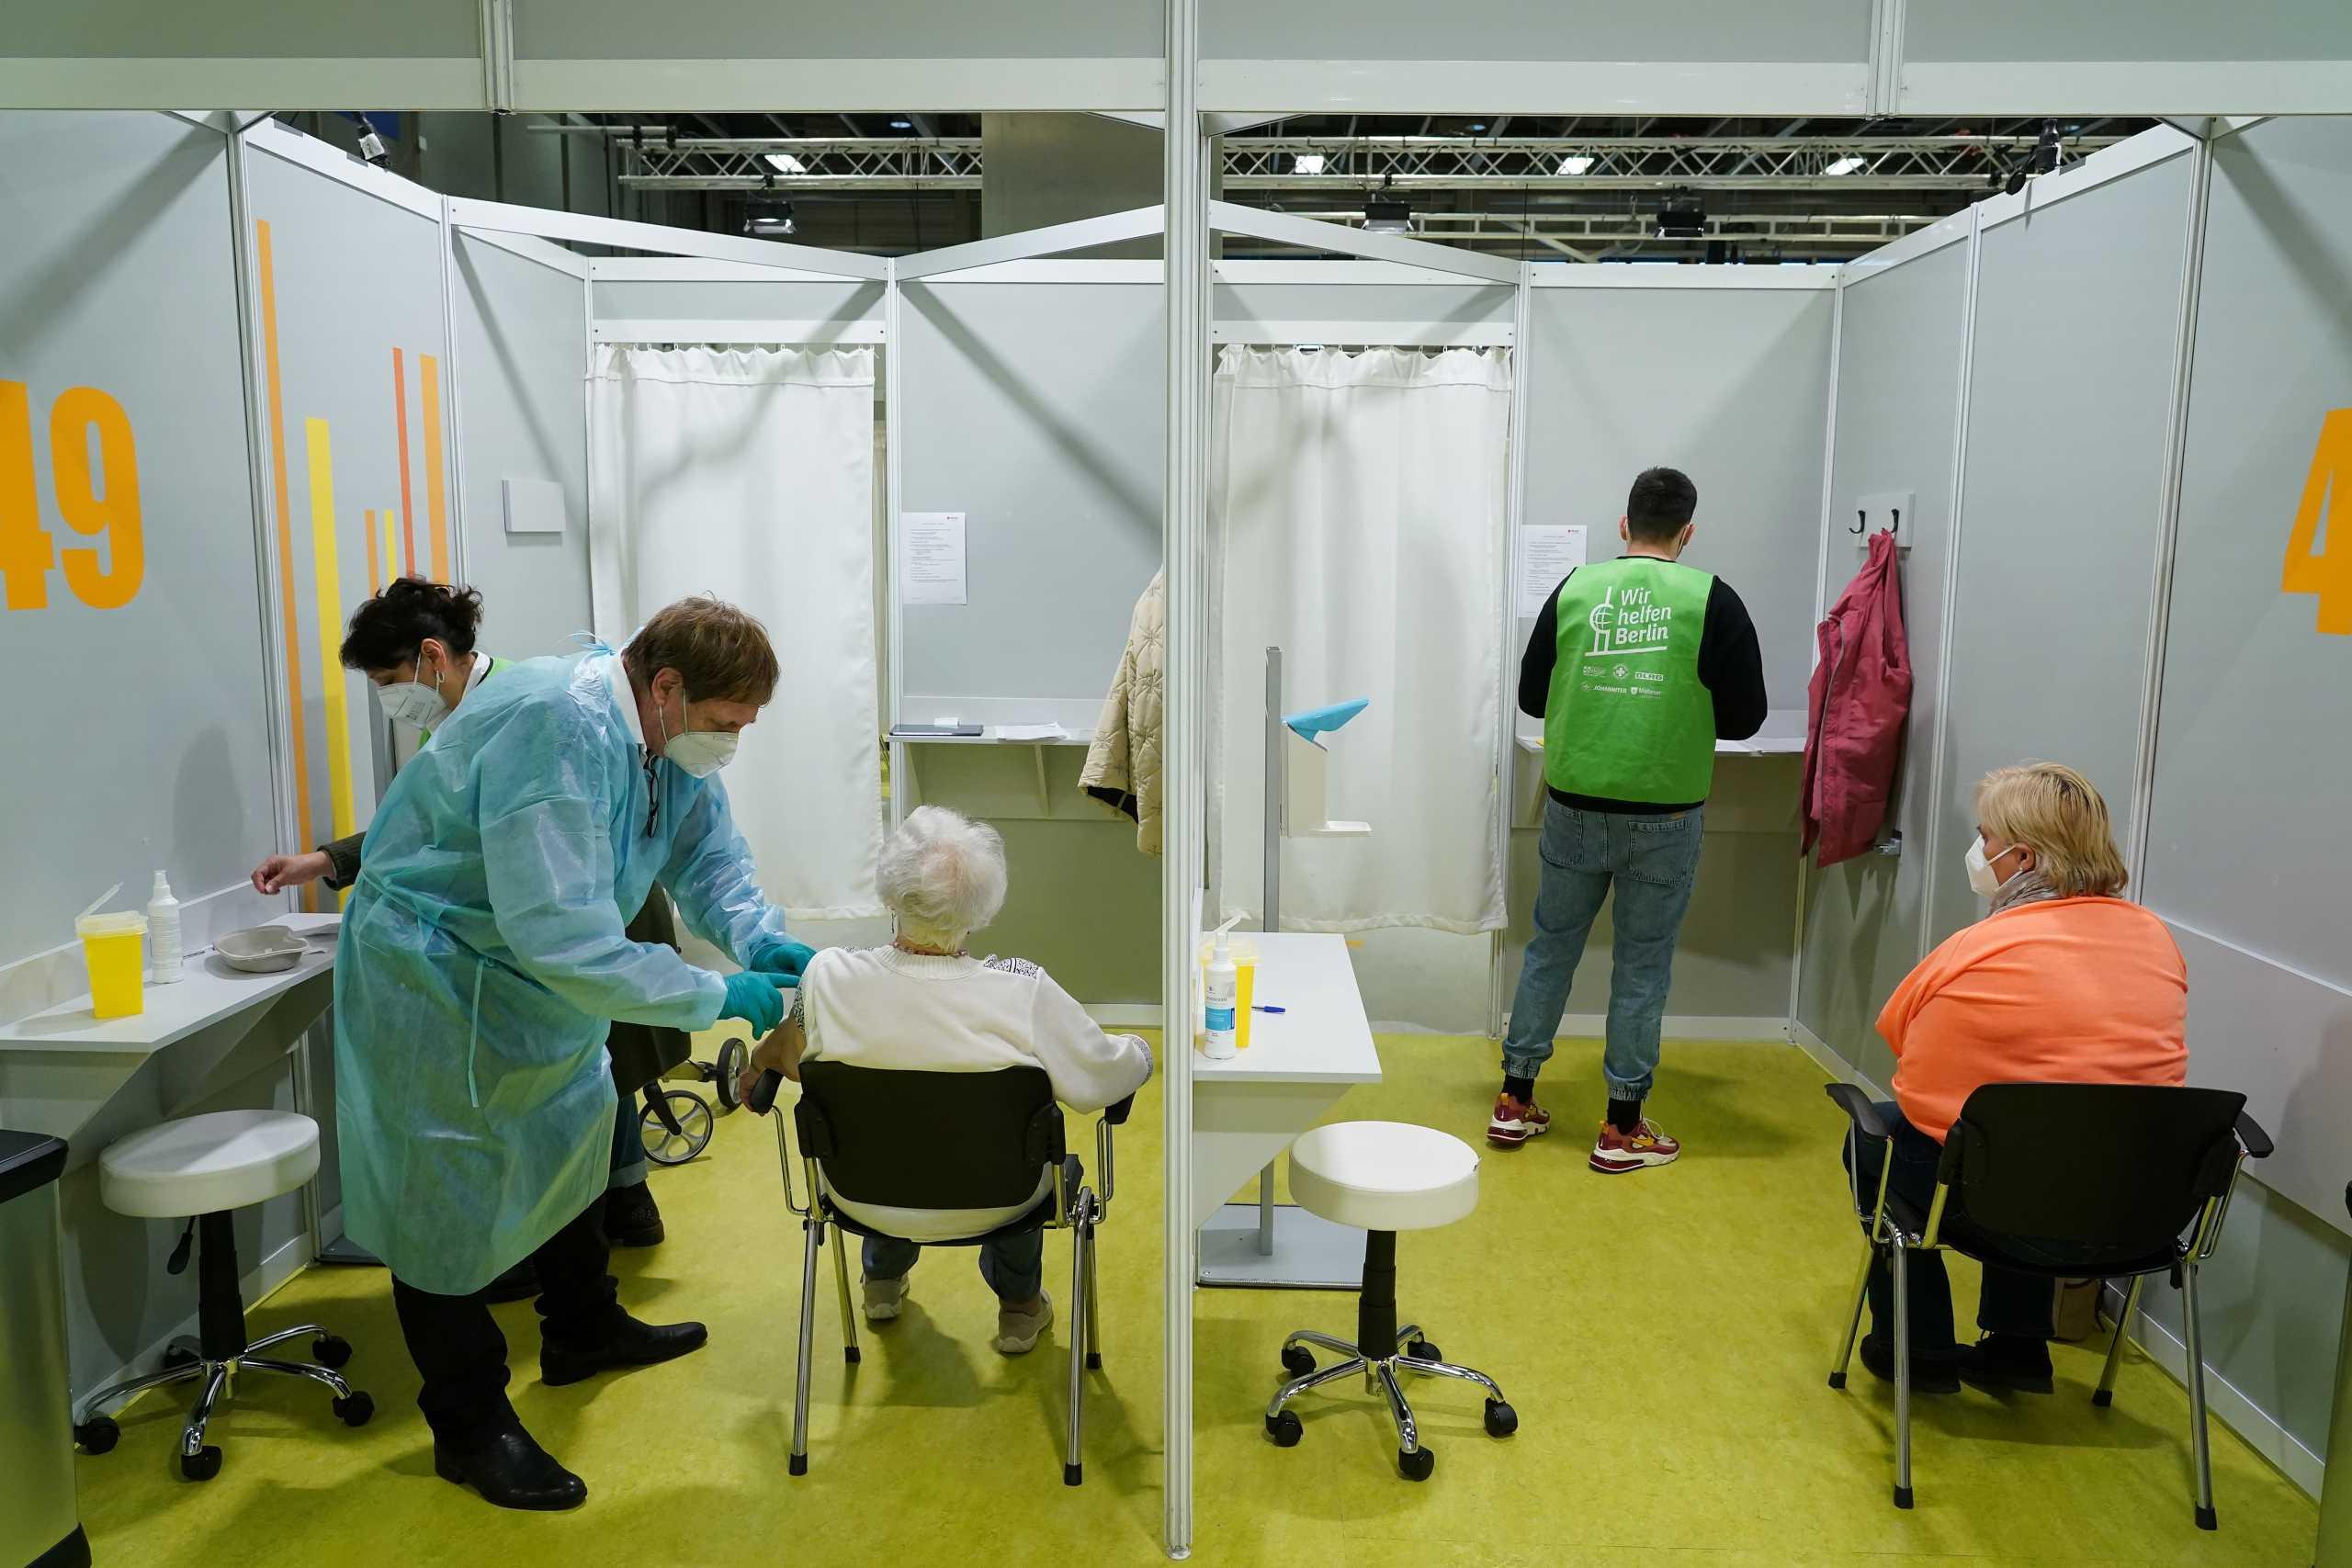 Γερμανία: 399 νεκροί και πάνω από 11.000 νέα κρούσματα κορονοϊού